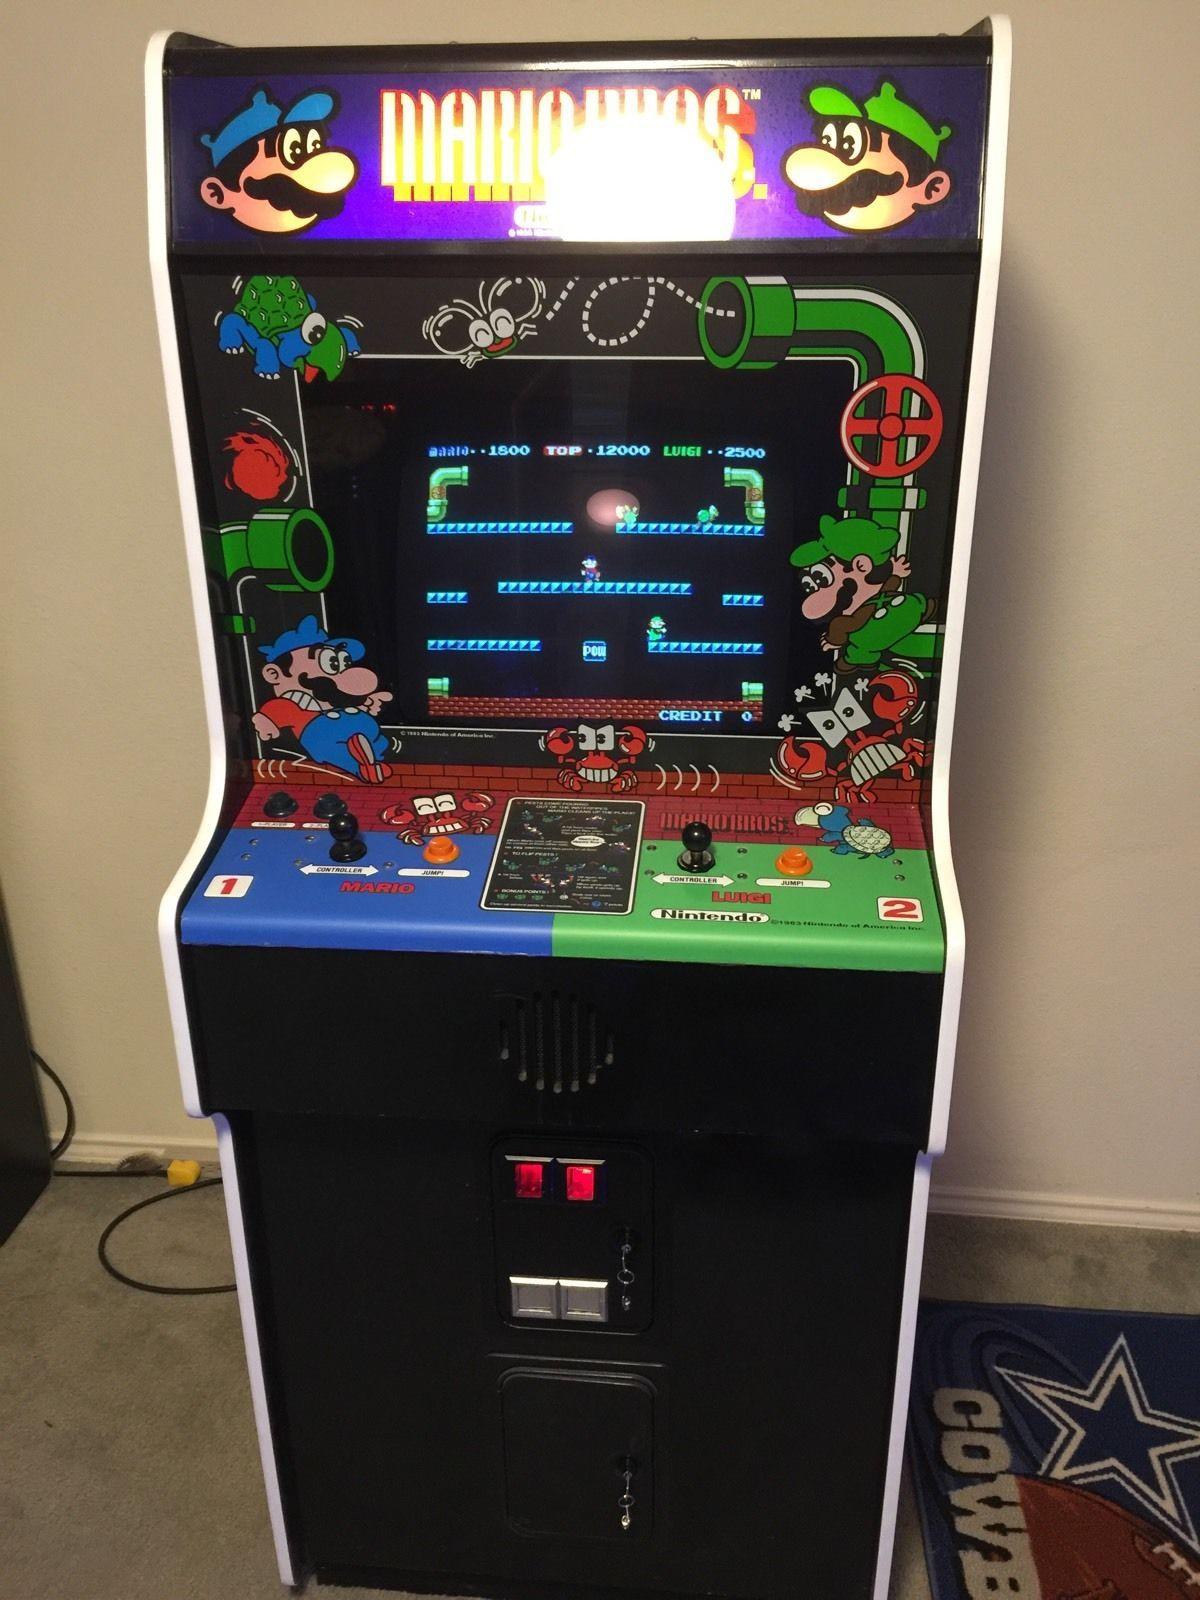 ARCADE DEDICATED Wide Cabinet Nintendo MARIO BROS, Very Clean